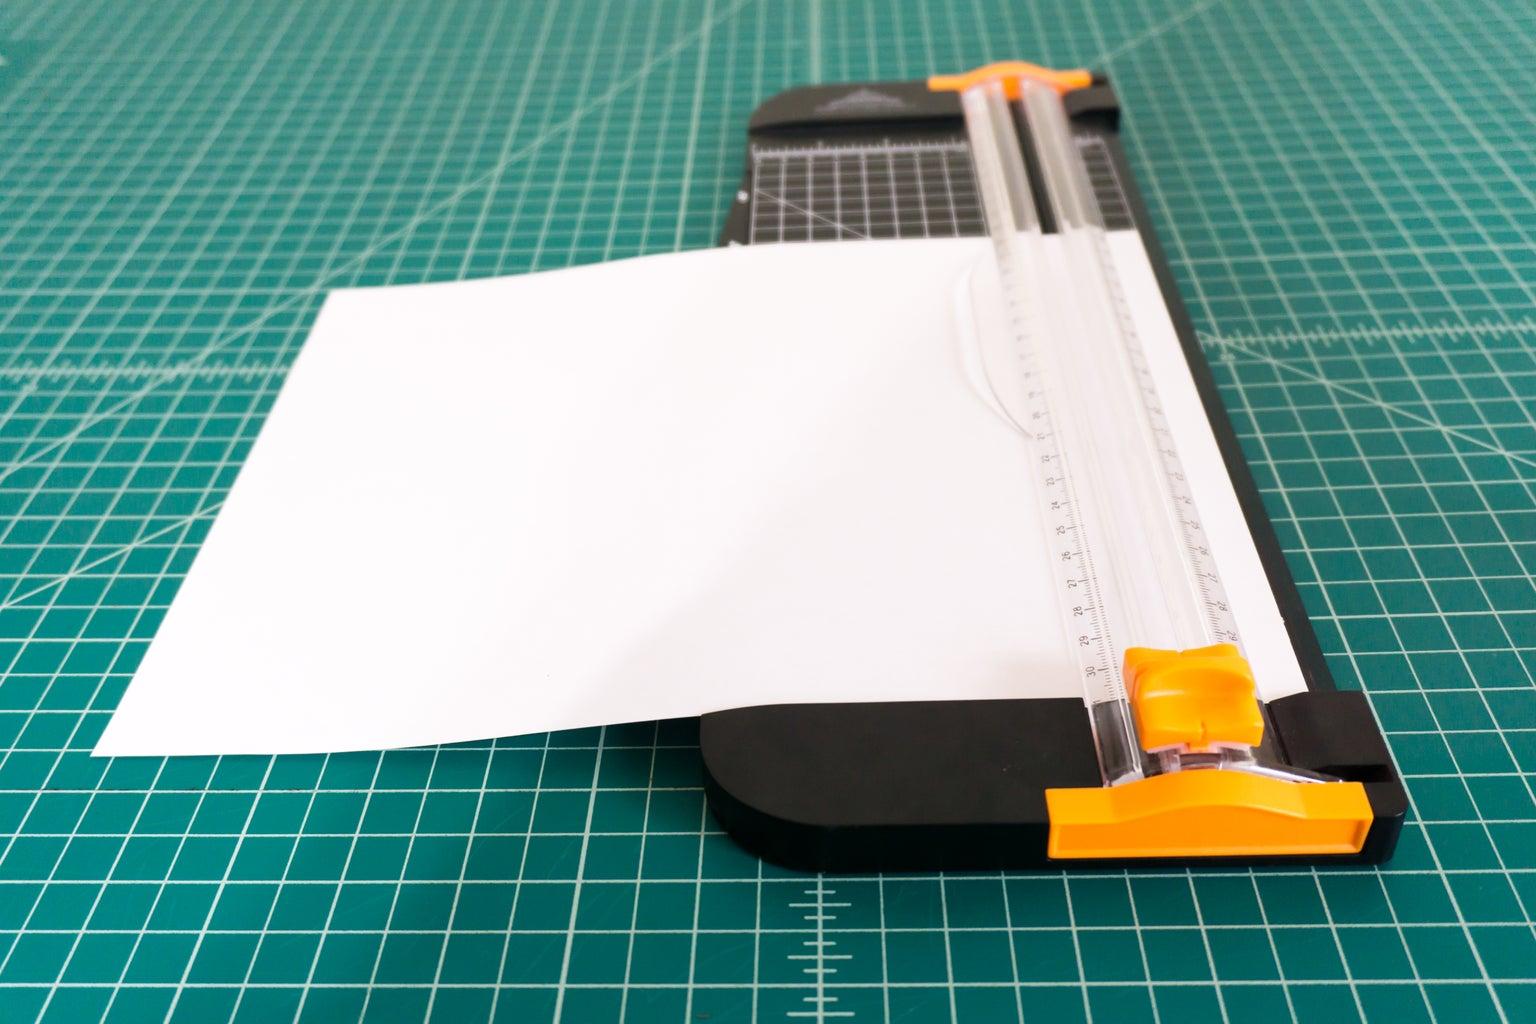 Cut the Paper